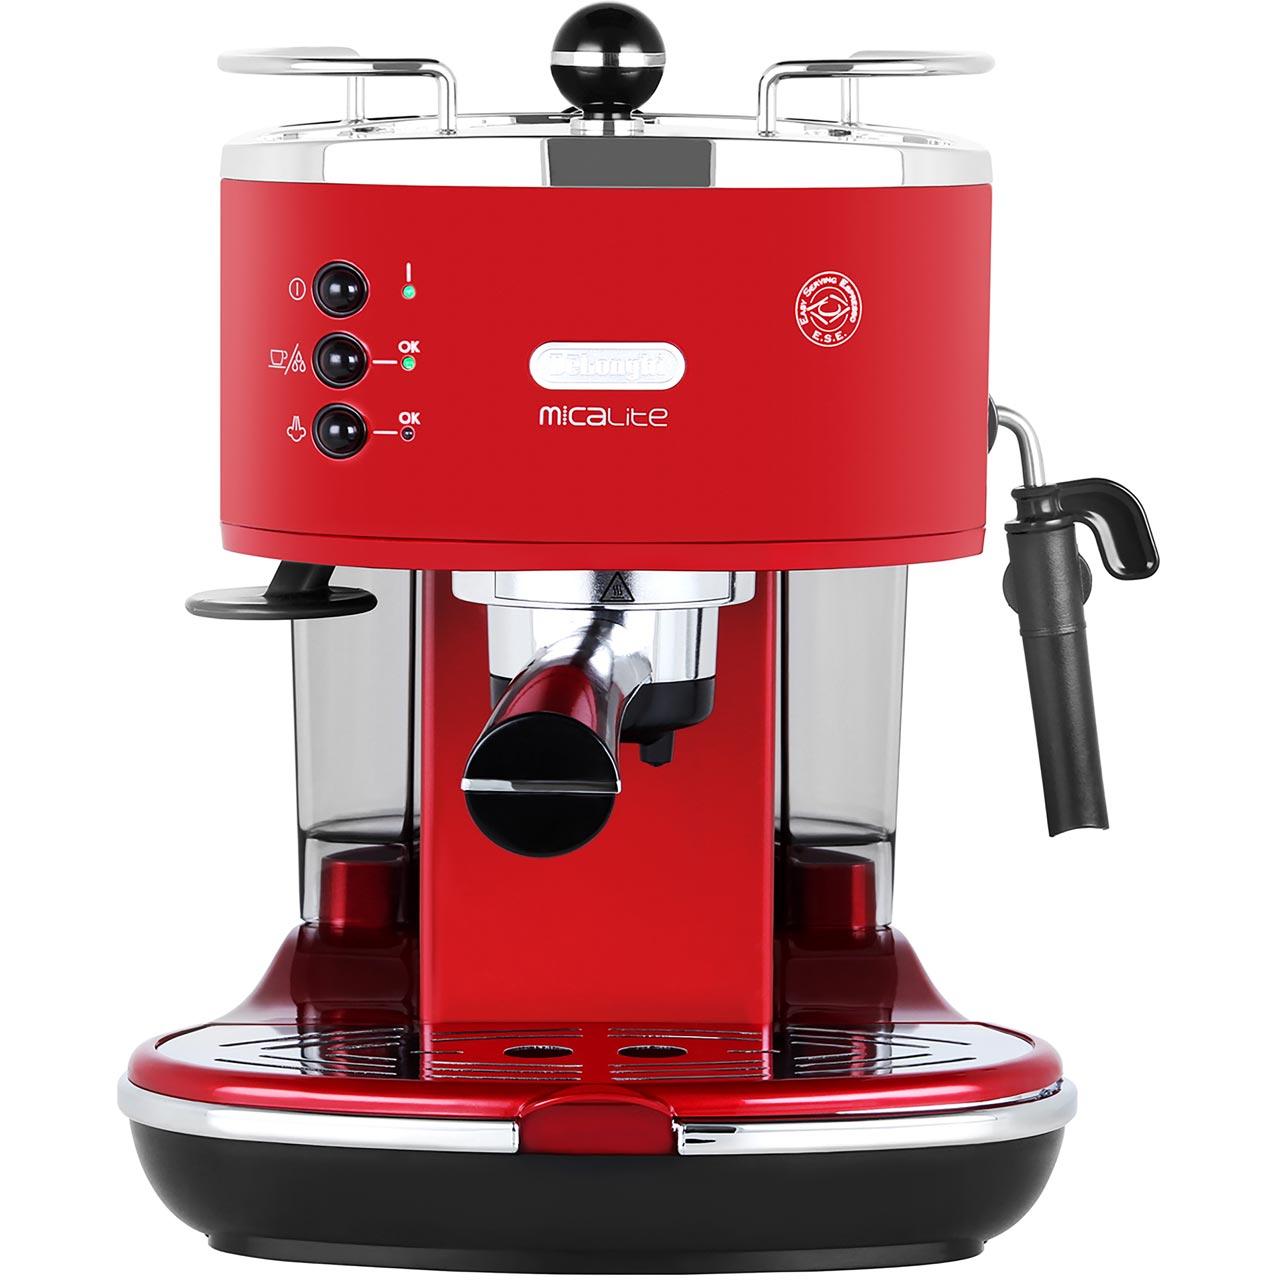 De'Longhi Icona Micalite Espresso Coffee Machine - Red £99 @ AO